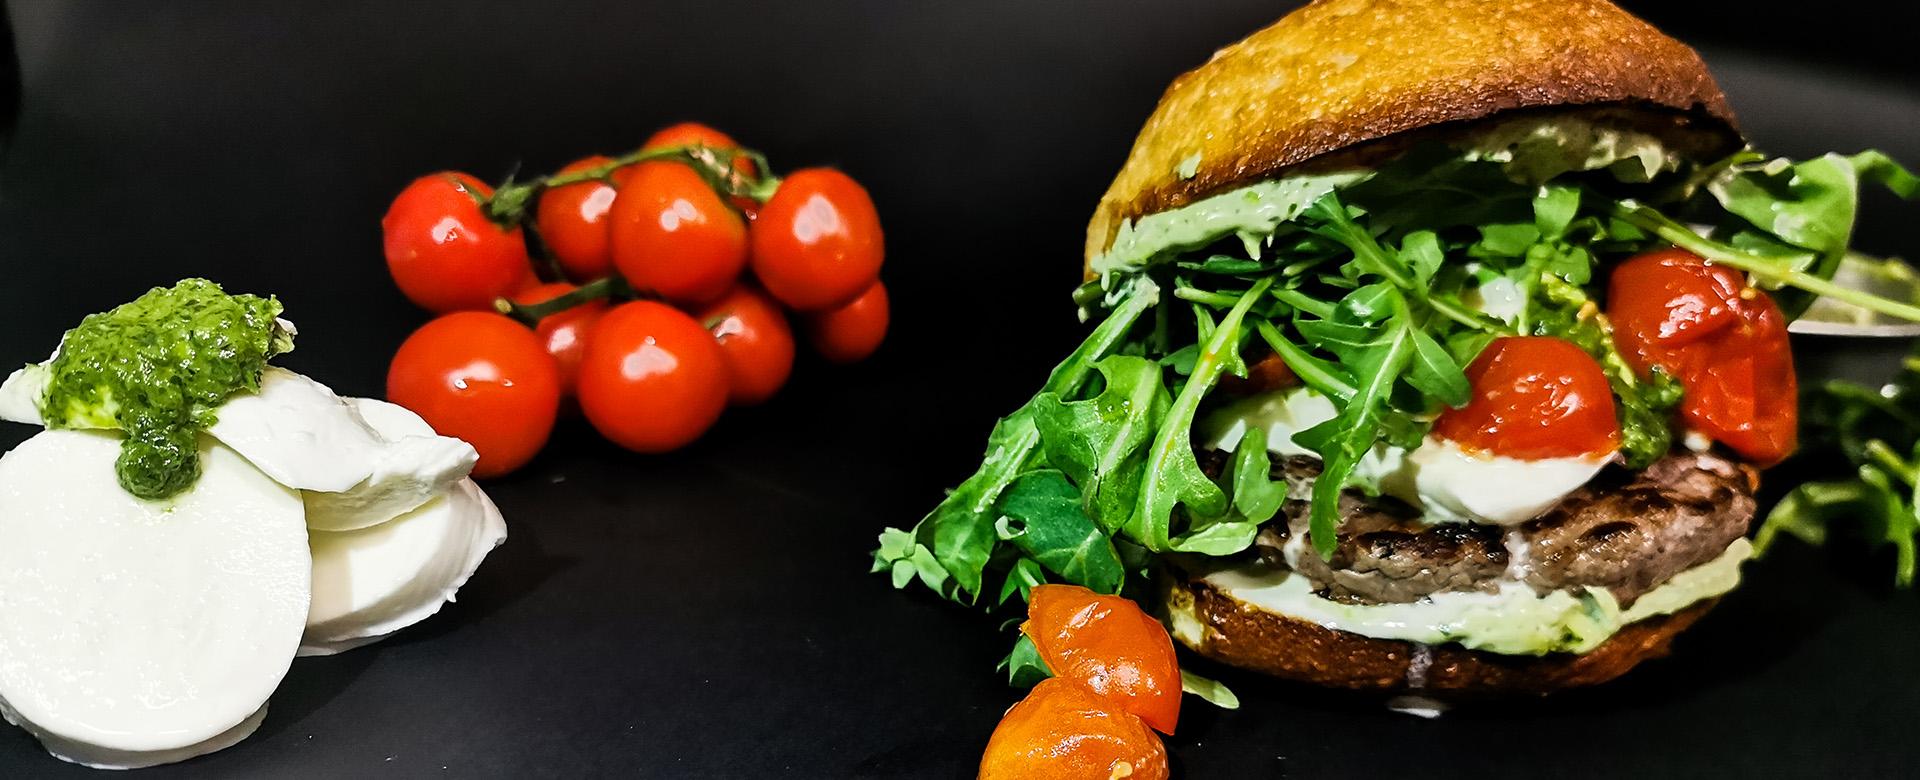 ITALO: un hamburger senza glutine con rucola, mozzarella e pomodori confit da ordinare a domicilio